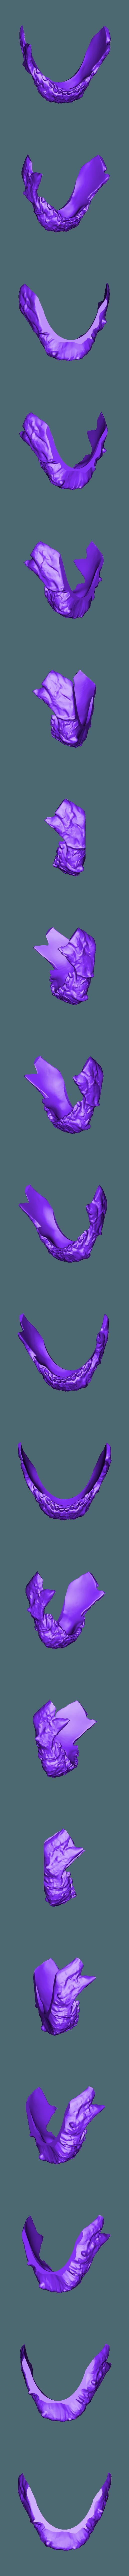 Tarman bigger mask Jaw.stl Télécharger fichier STL gratuit MASQUE DE ZOMBIE TARMAN • Objet imprimable en 3D, LittleTup